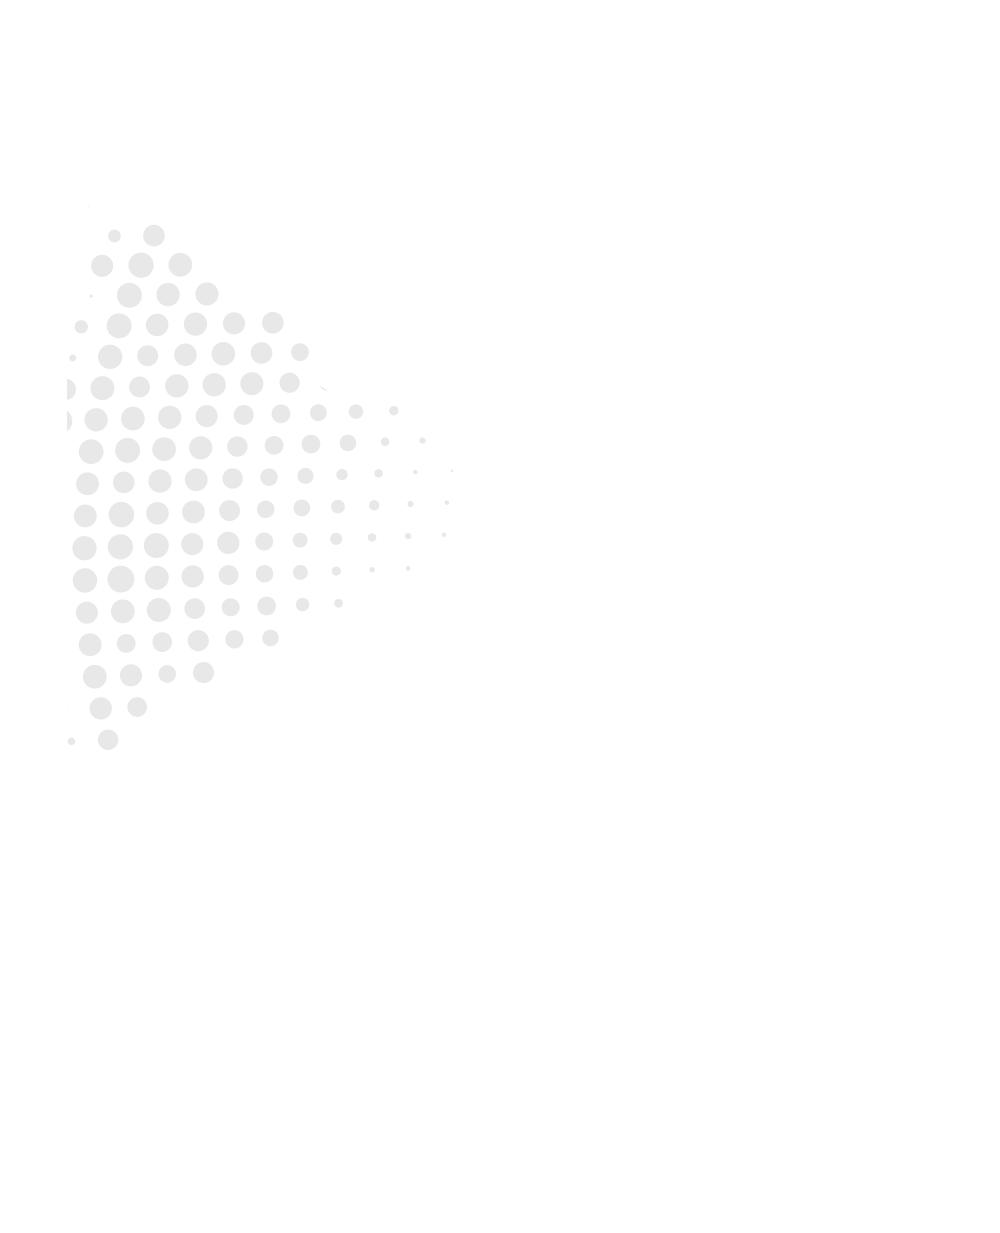 slajd1-tlo5